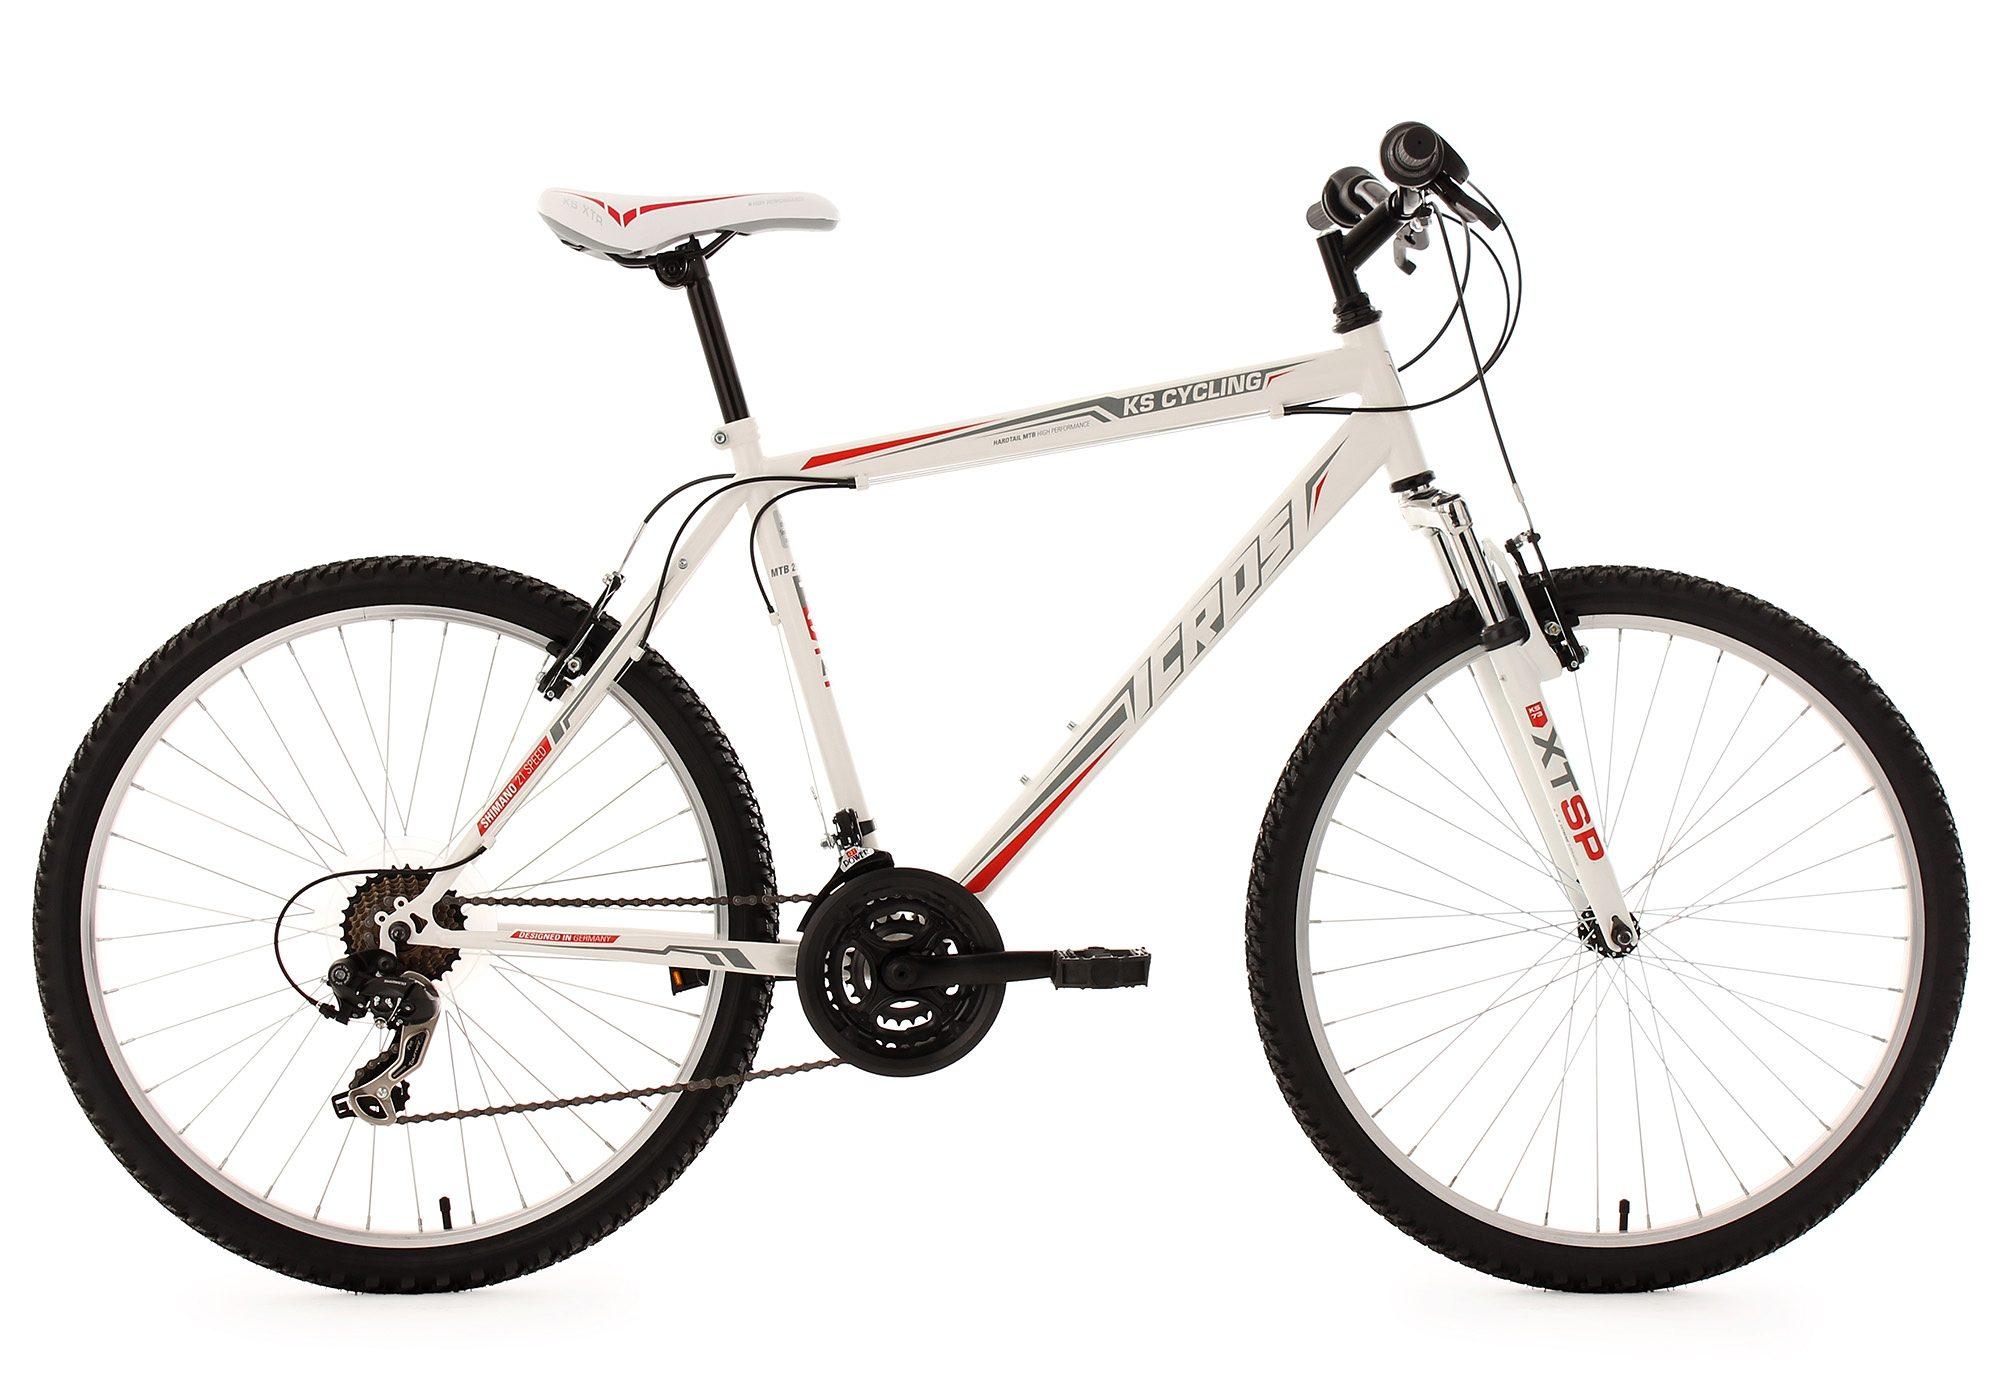 Hardtail-Mountainbike, 26 Zoll, weiß-rot, 21-Gang-Kettenschaltung, »Icros«, KS Cycling